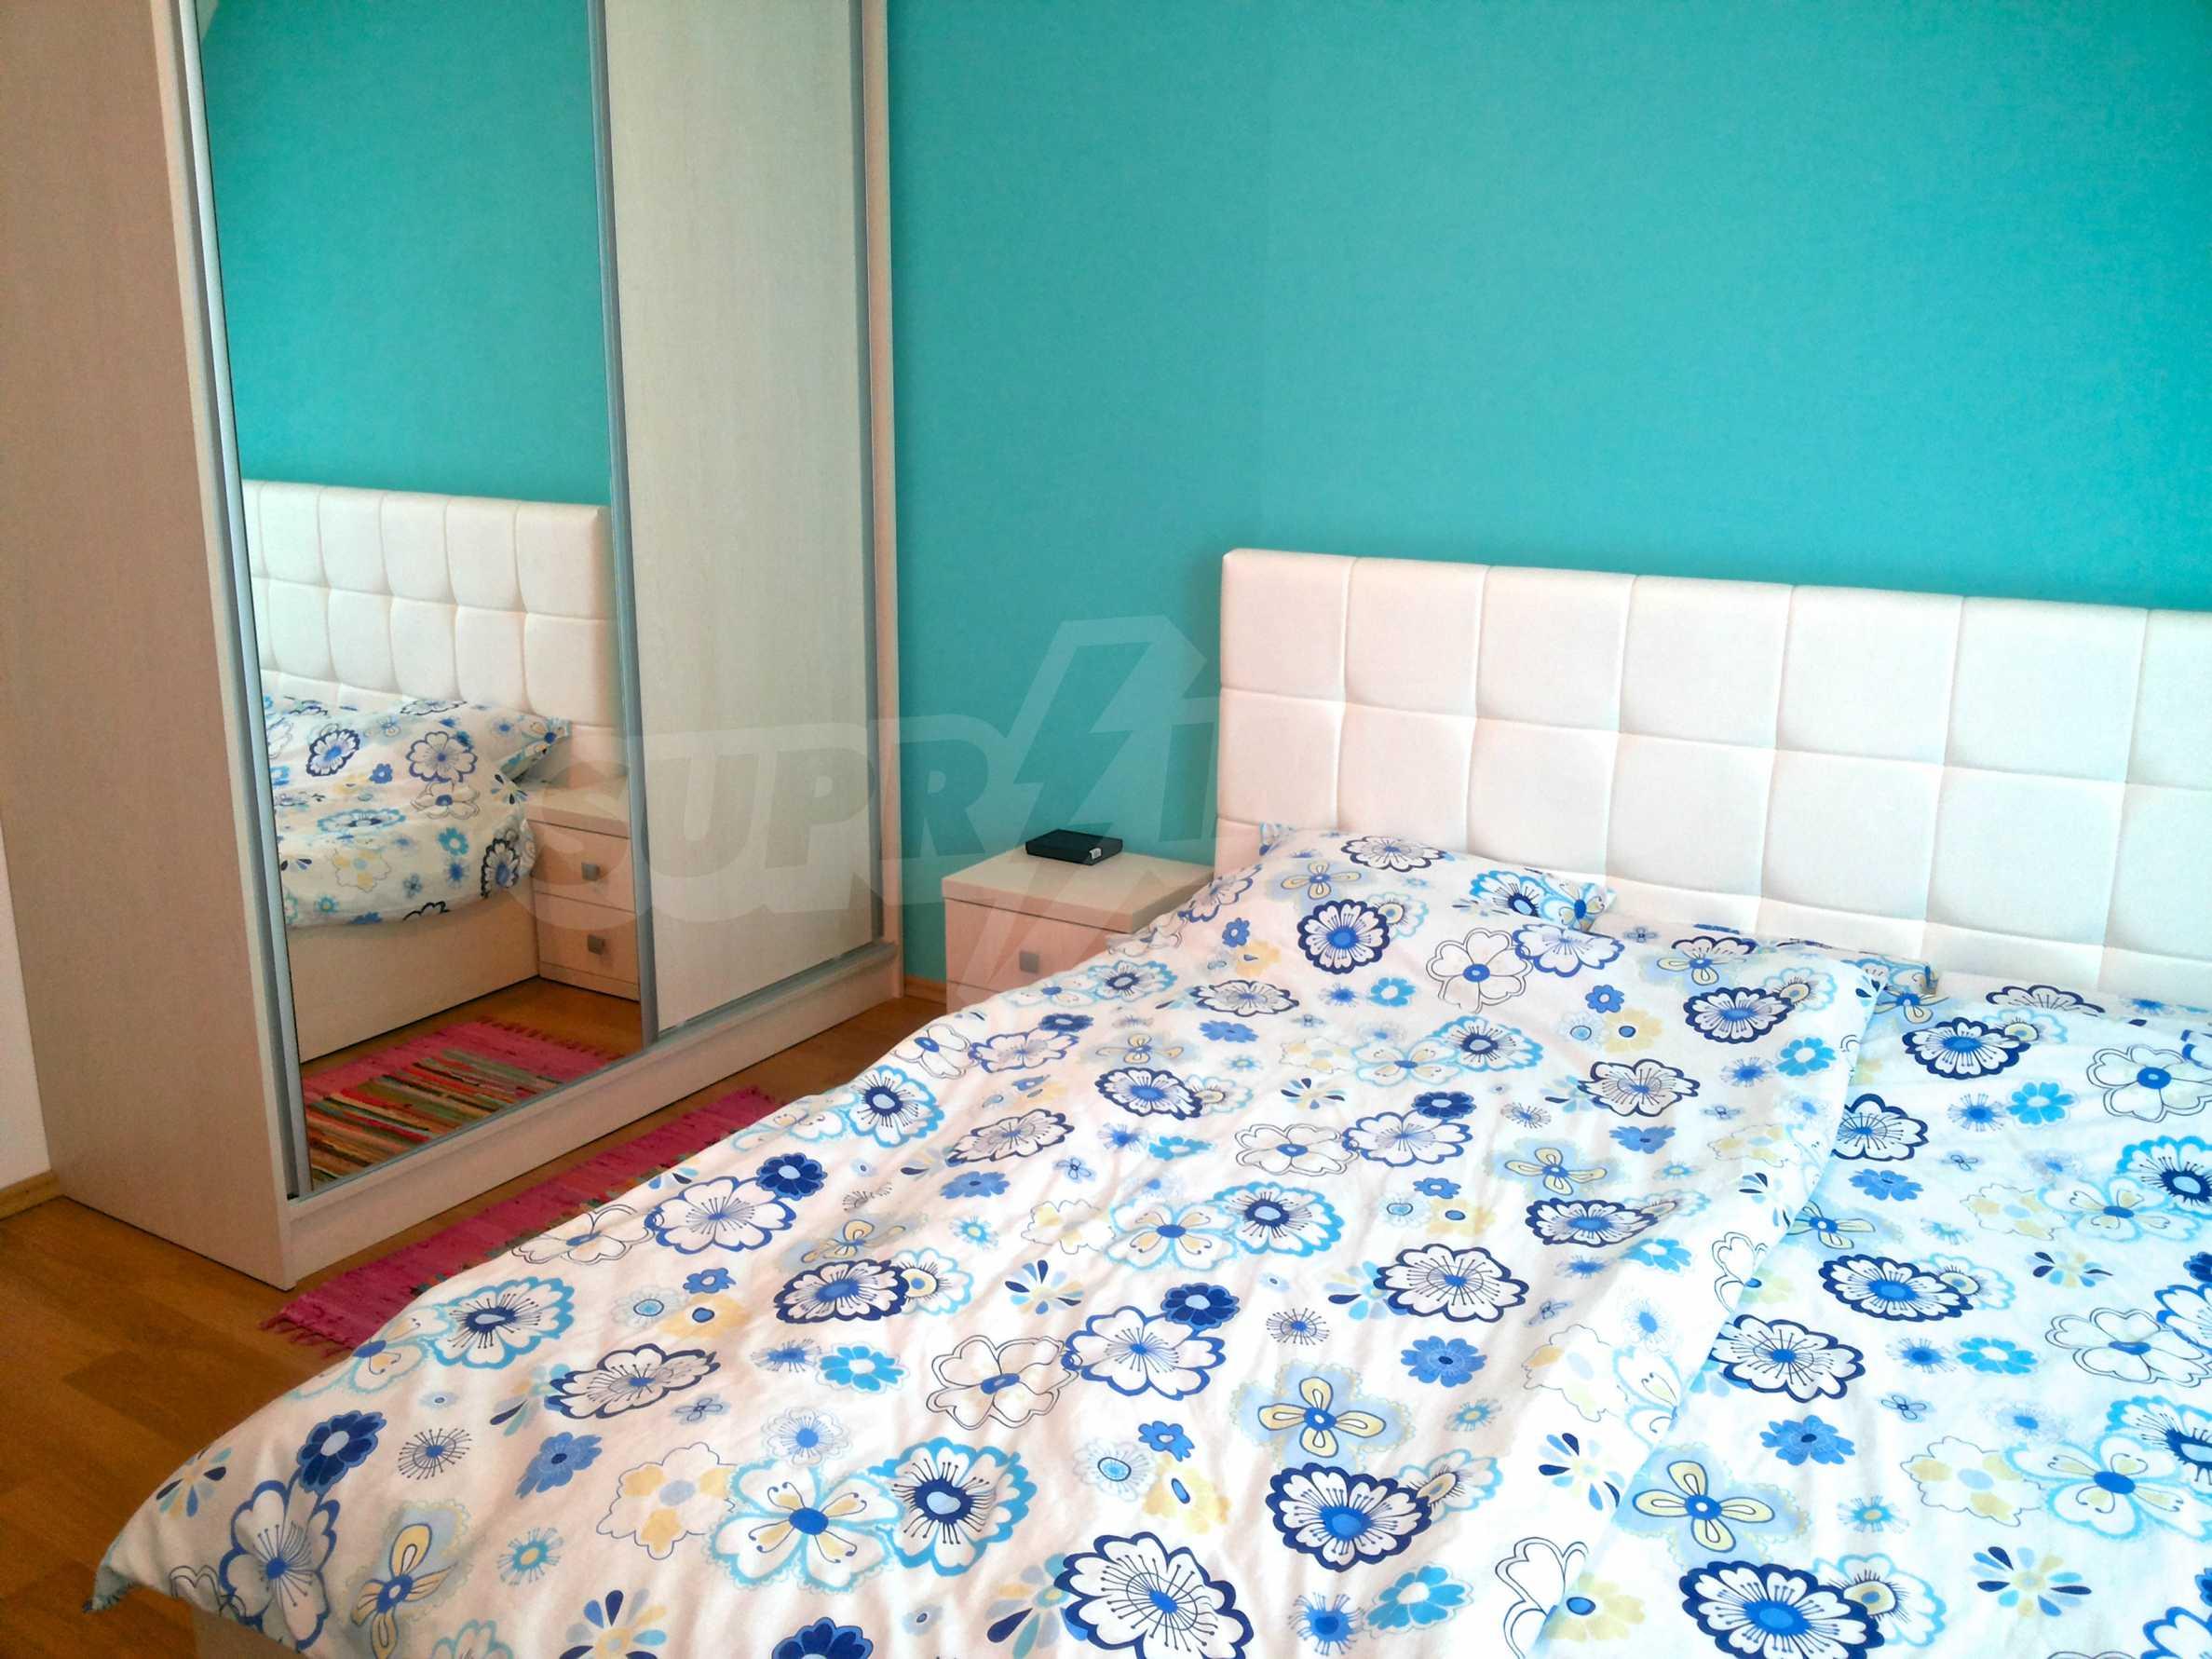 Zwei-Zimmer-Wohnung in einem Komplex 50 Meter vom Meer entfernt 8